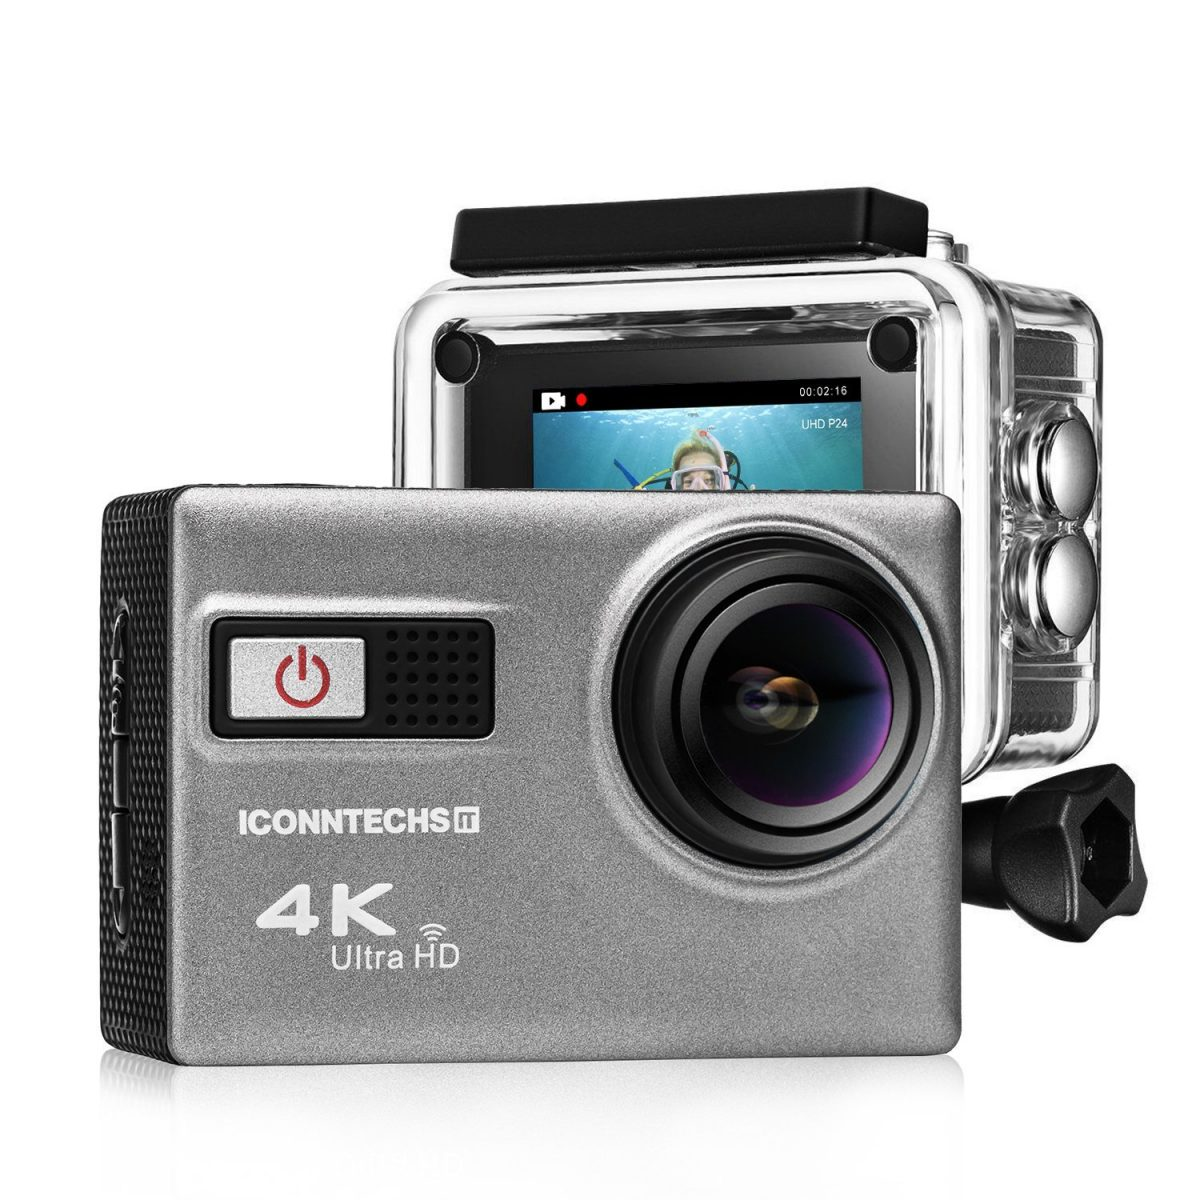 a125d0aac57ce5 ICONNTECHS IT Action Camera 4K: l'action cam arriva in offerta su Amazon  con tanto di accessori